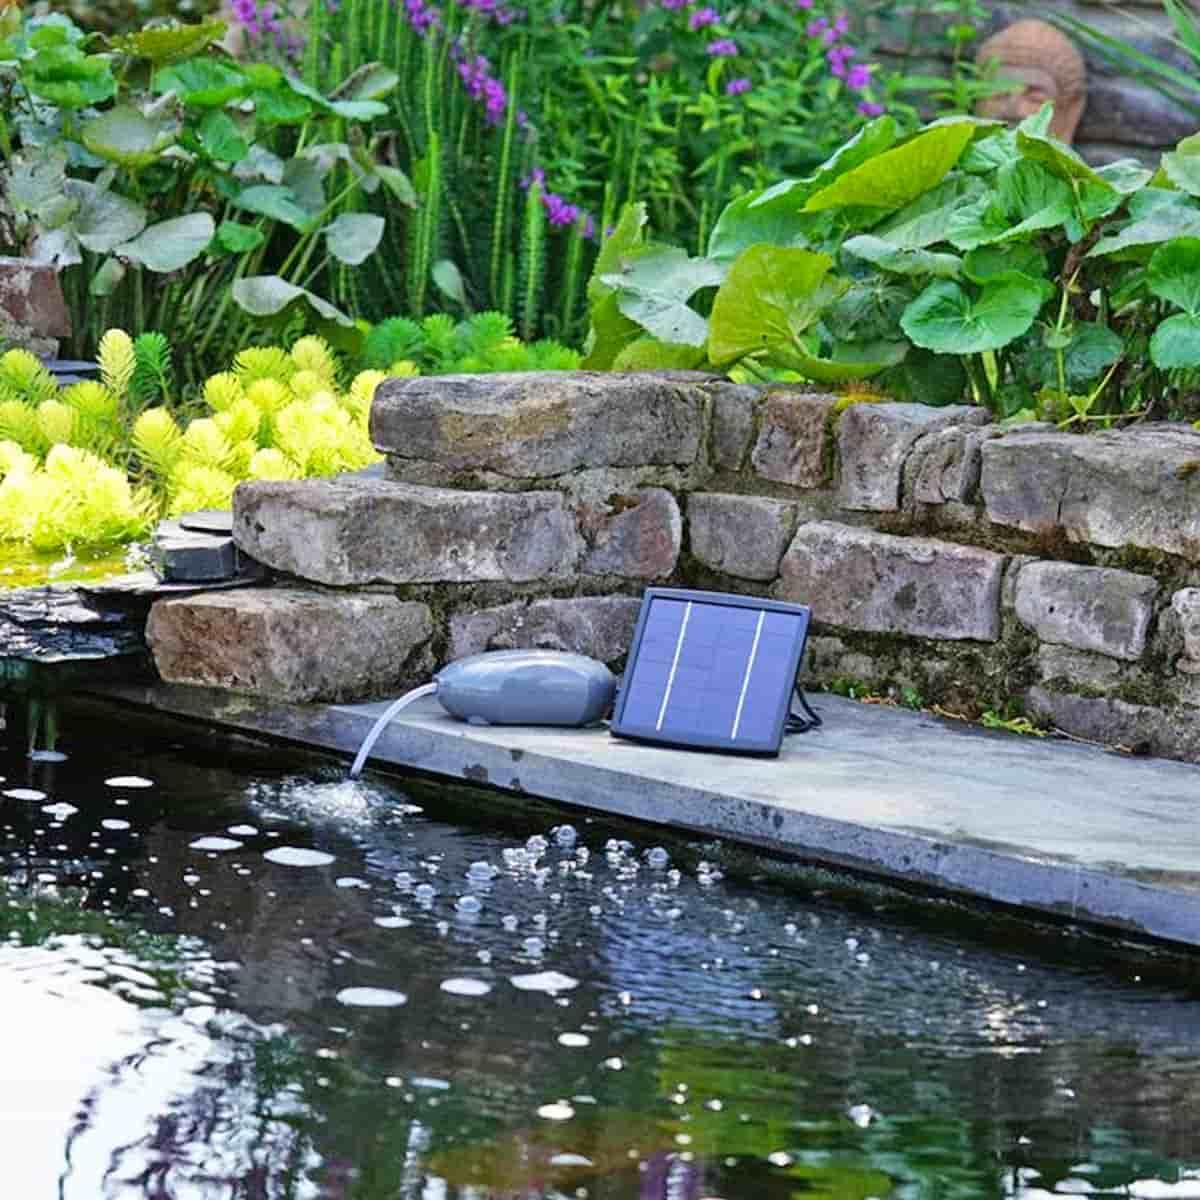 pompe d aeration solaire pour bassin